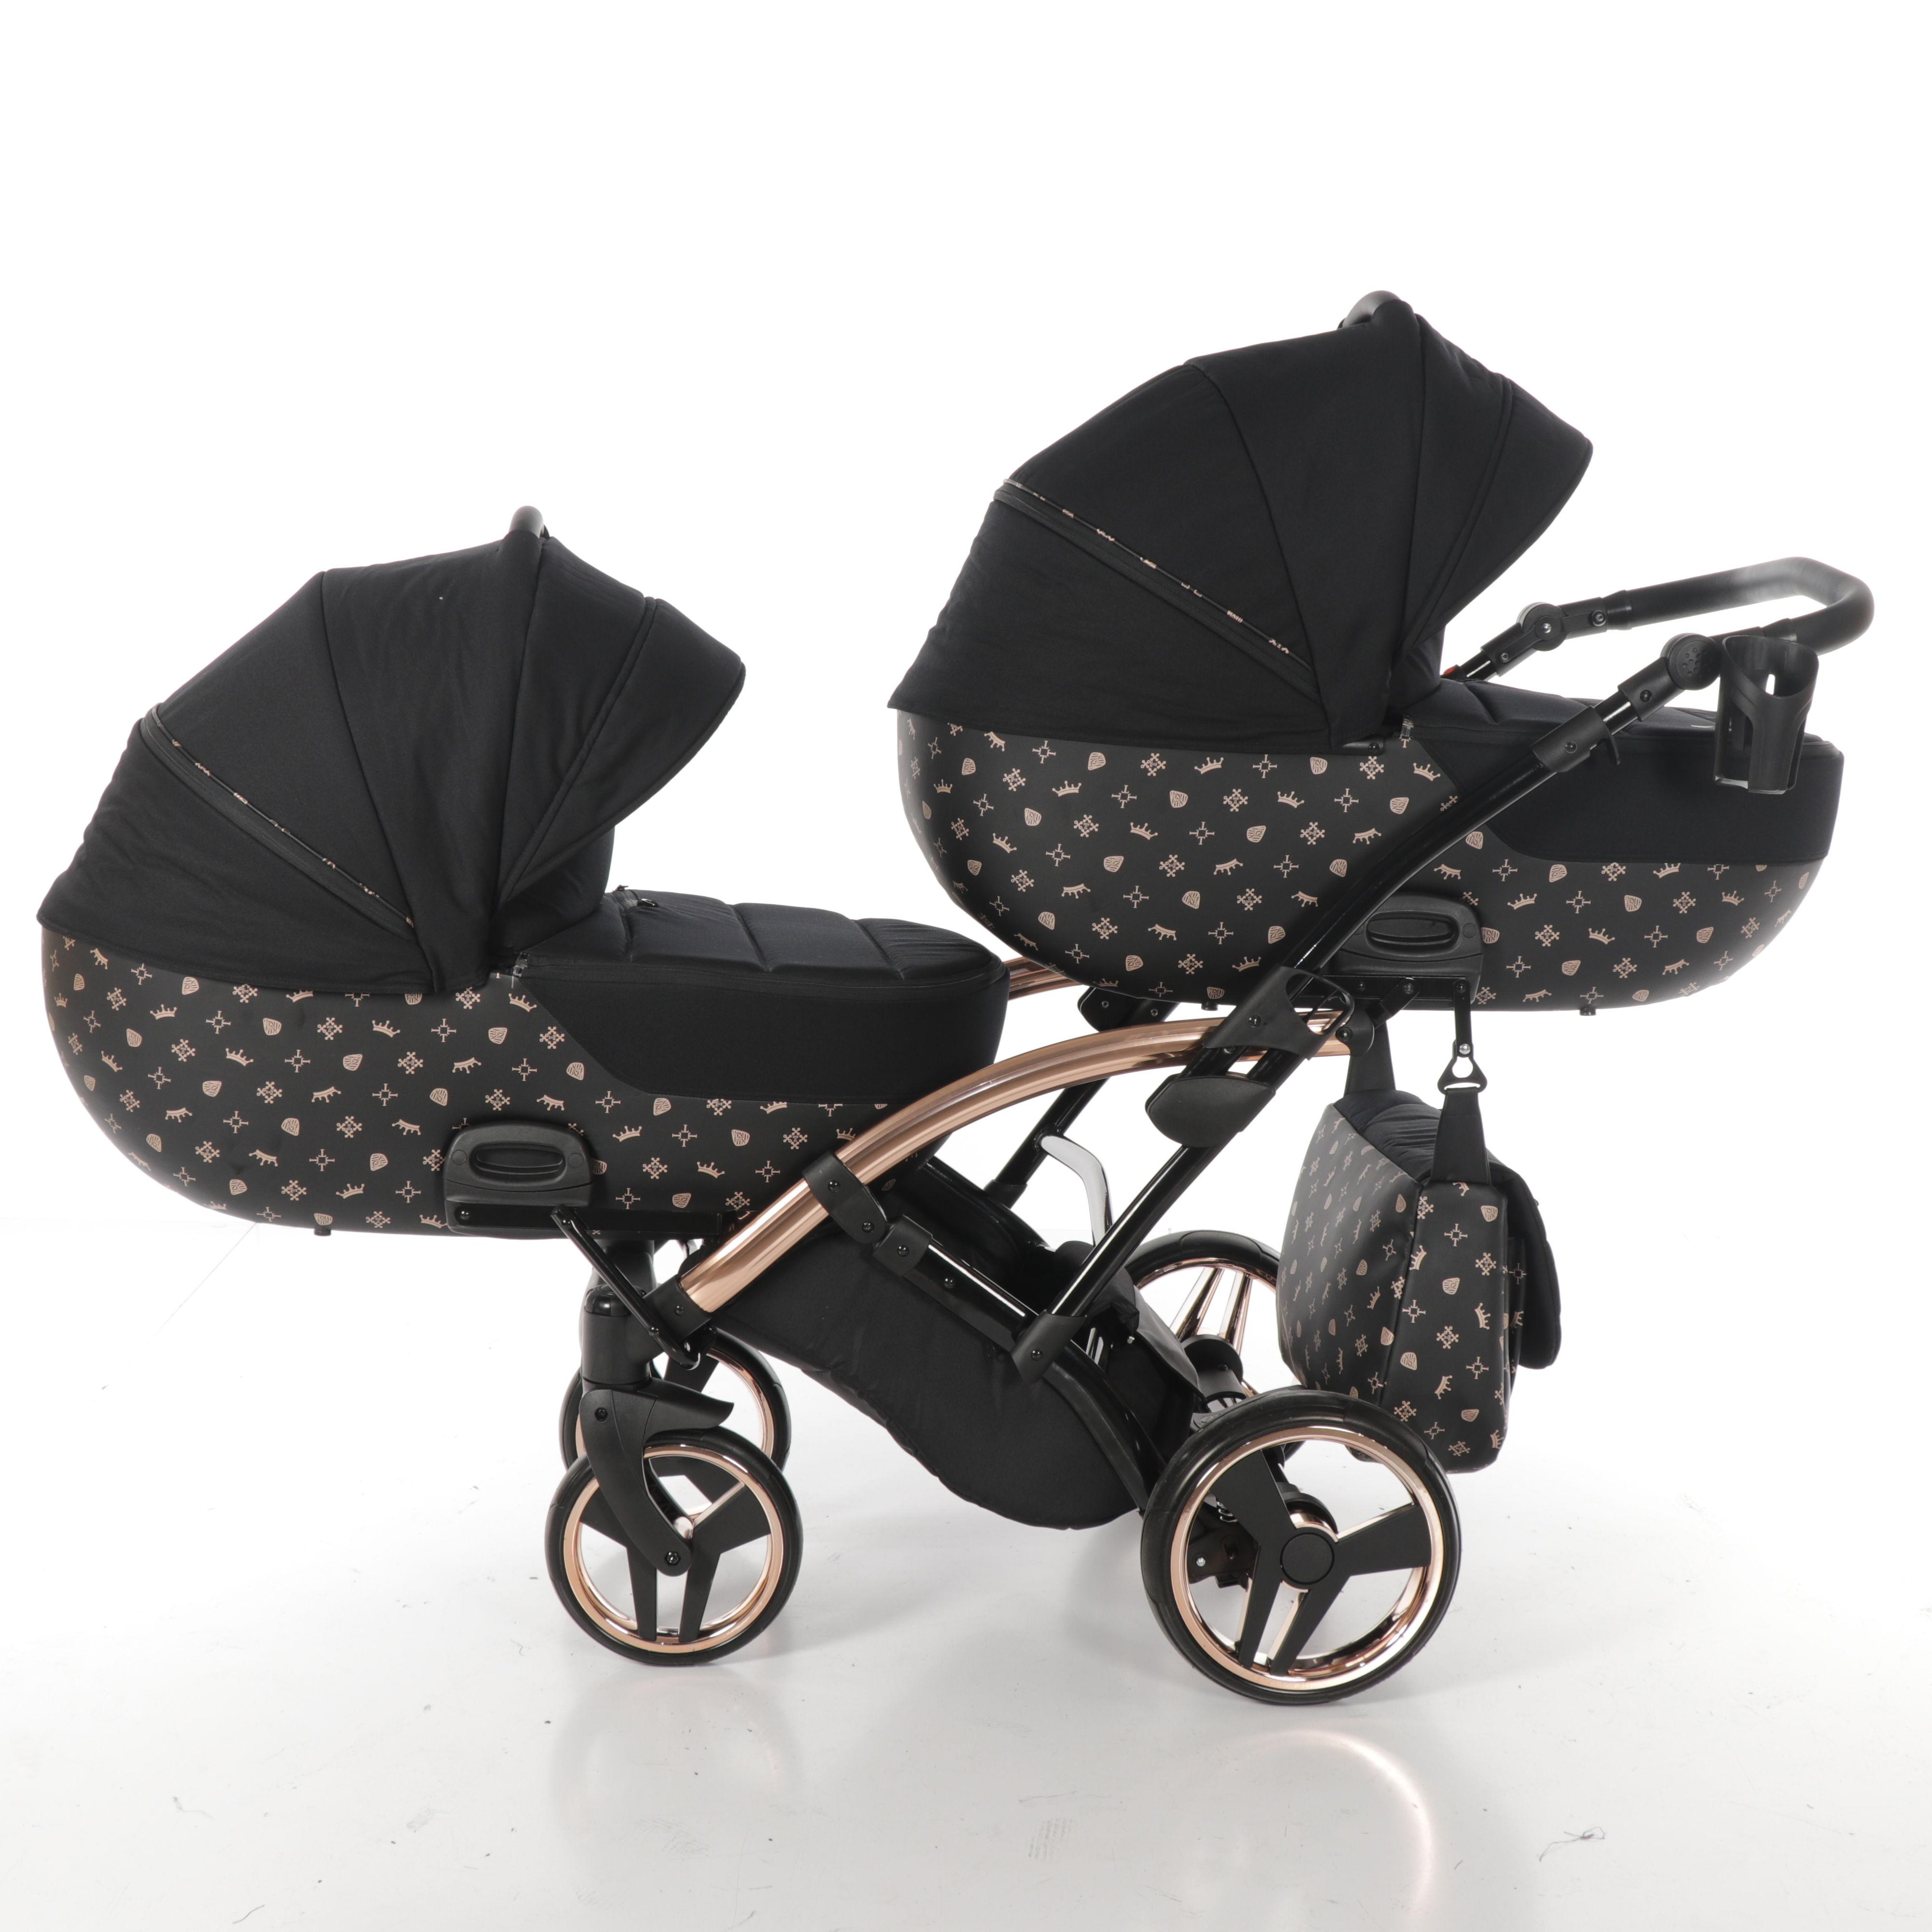 wózek bliźniaczy Imperial Laret Duo Slim Tako wielofunkcyjny dzieciecy Dadi Shop gondola spacerówka funkcje montaż